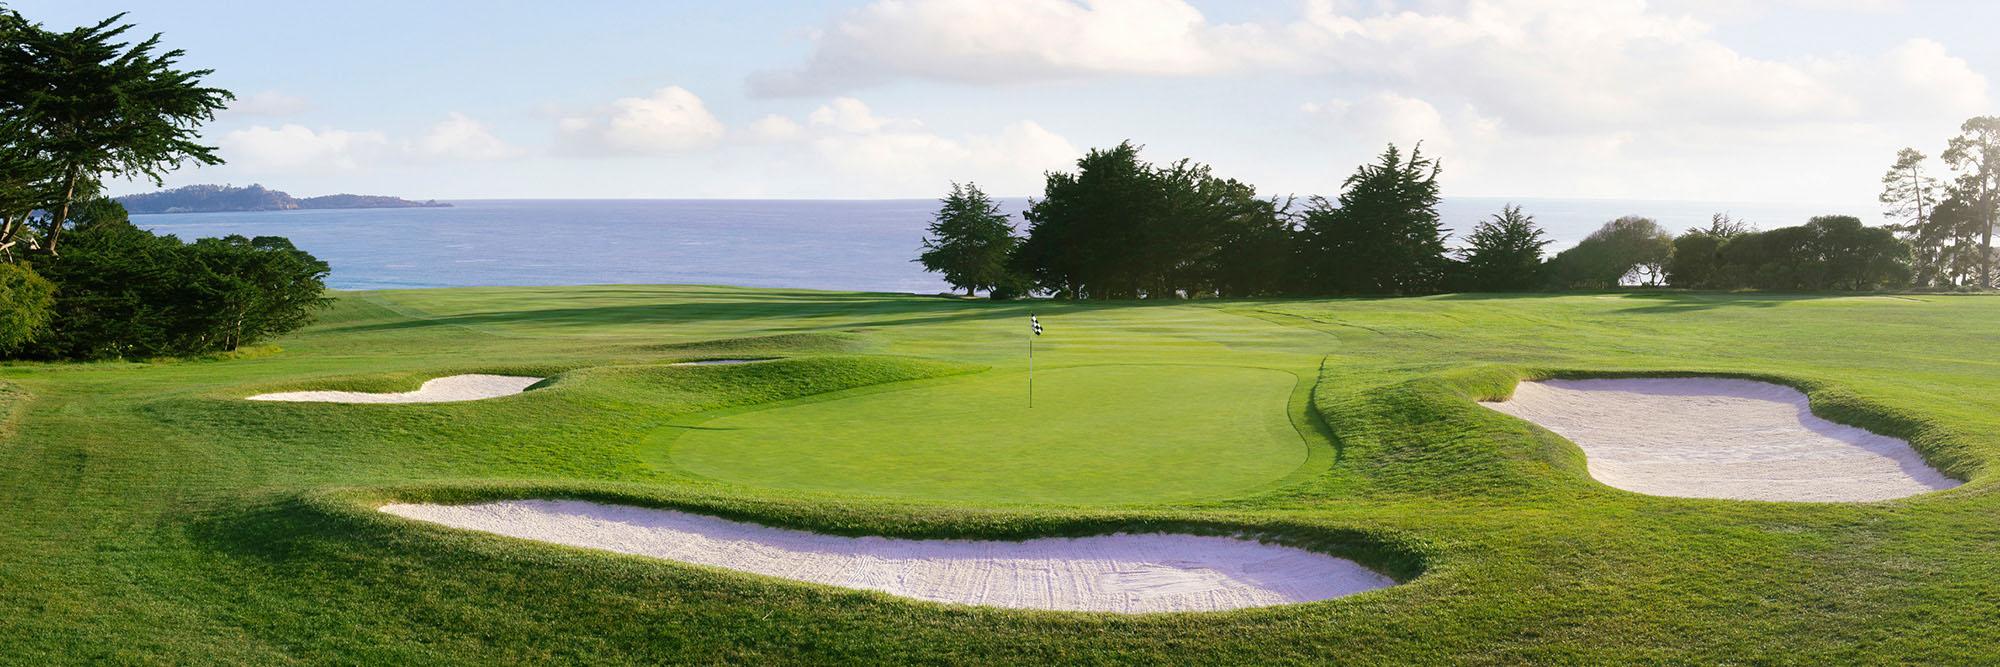 Golf Course Image - Pebble Beach No. 11